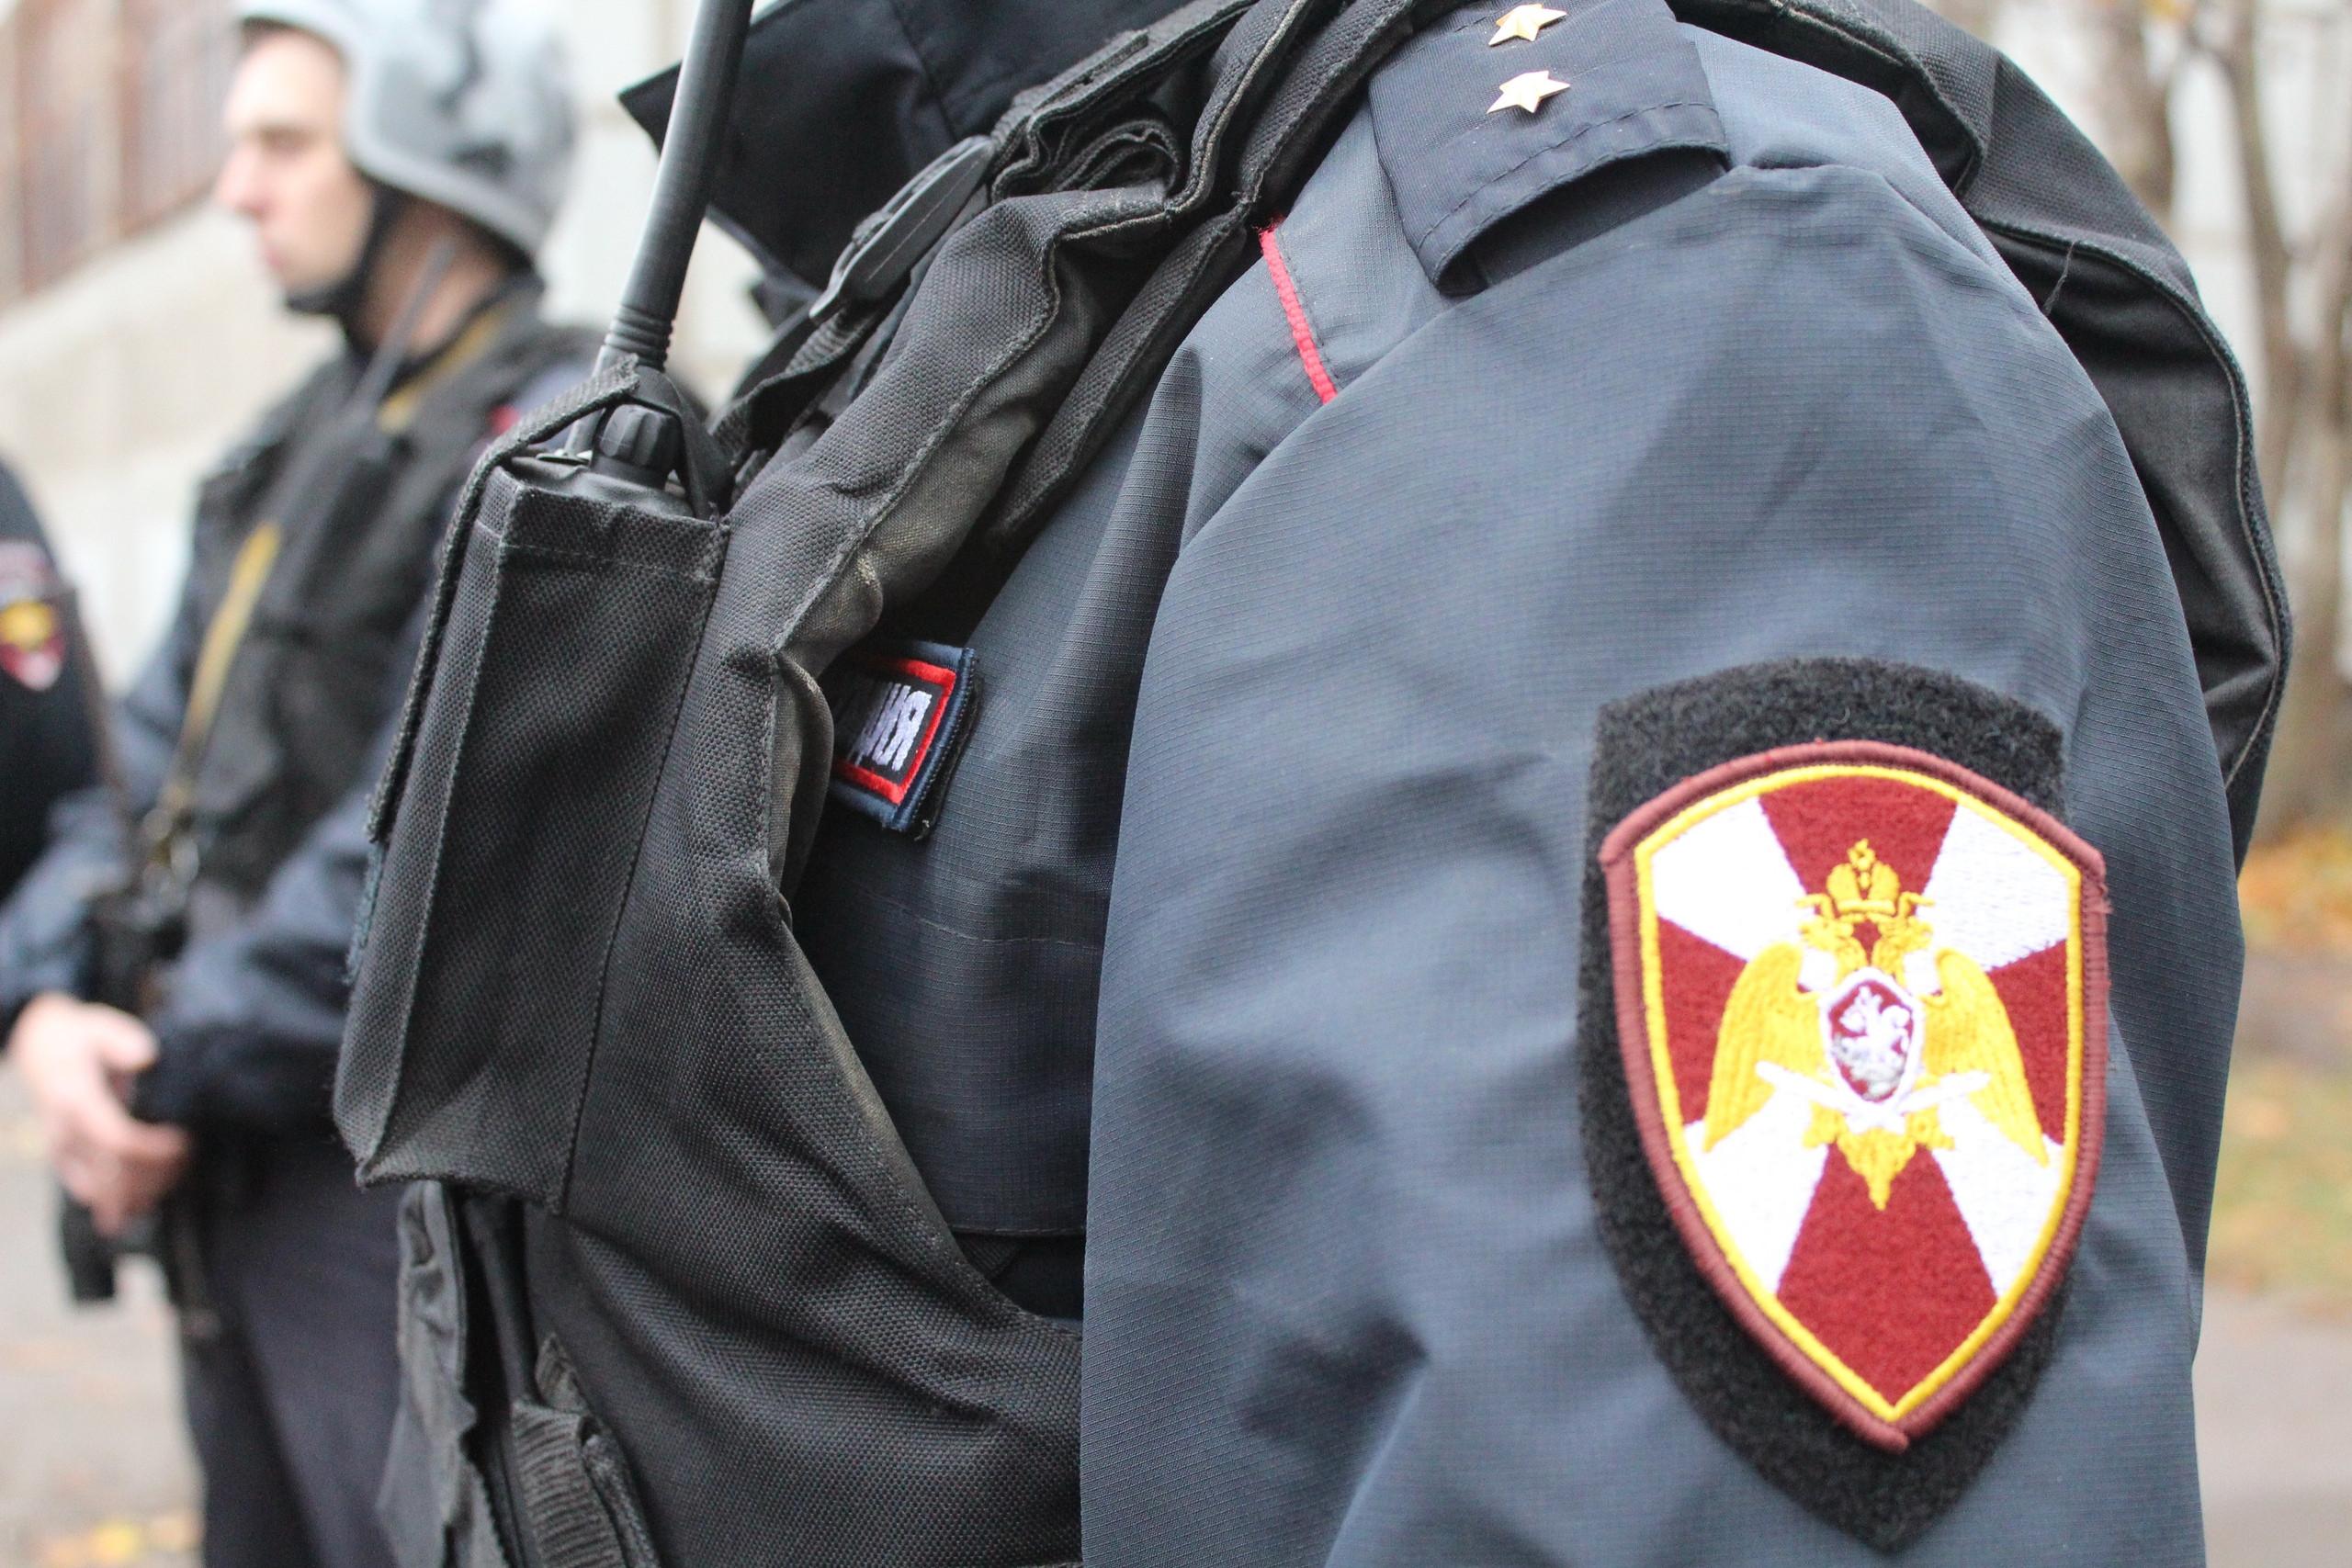 Cотрудник ОМОН задержал пьяного водителя, устроившего ДТП во Владивостоке